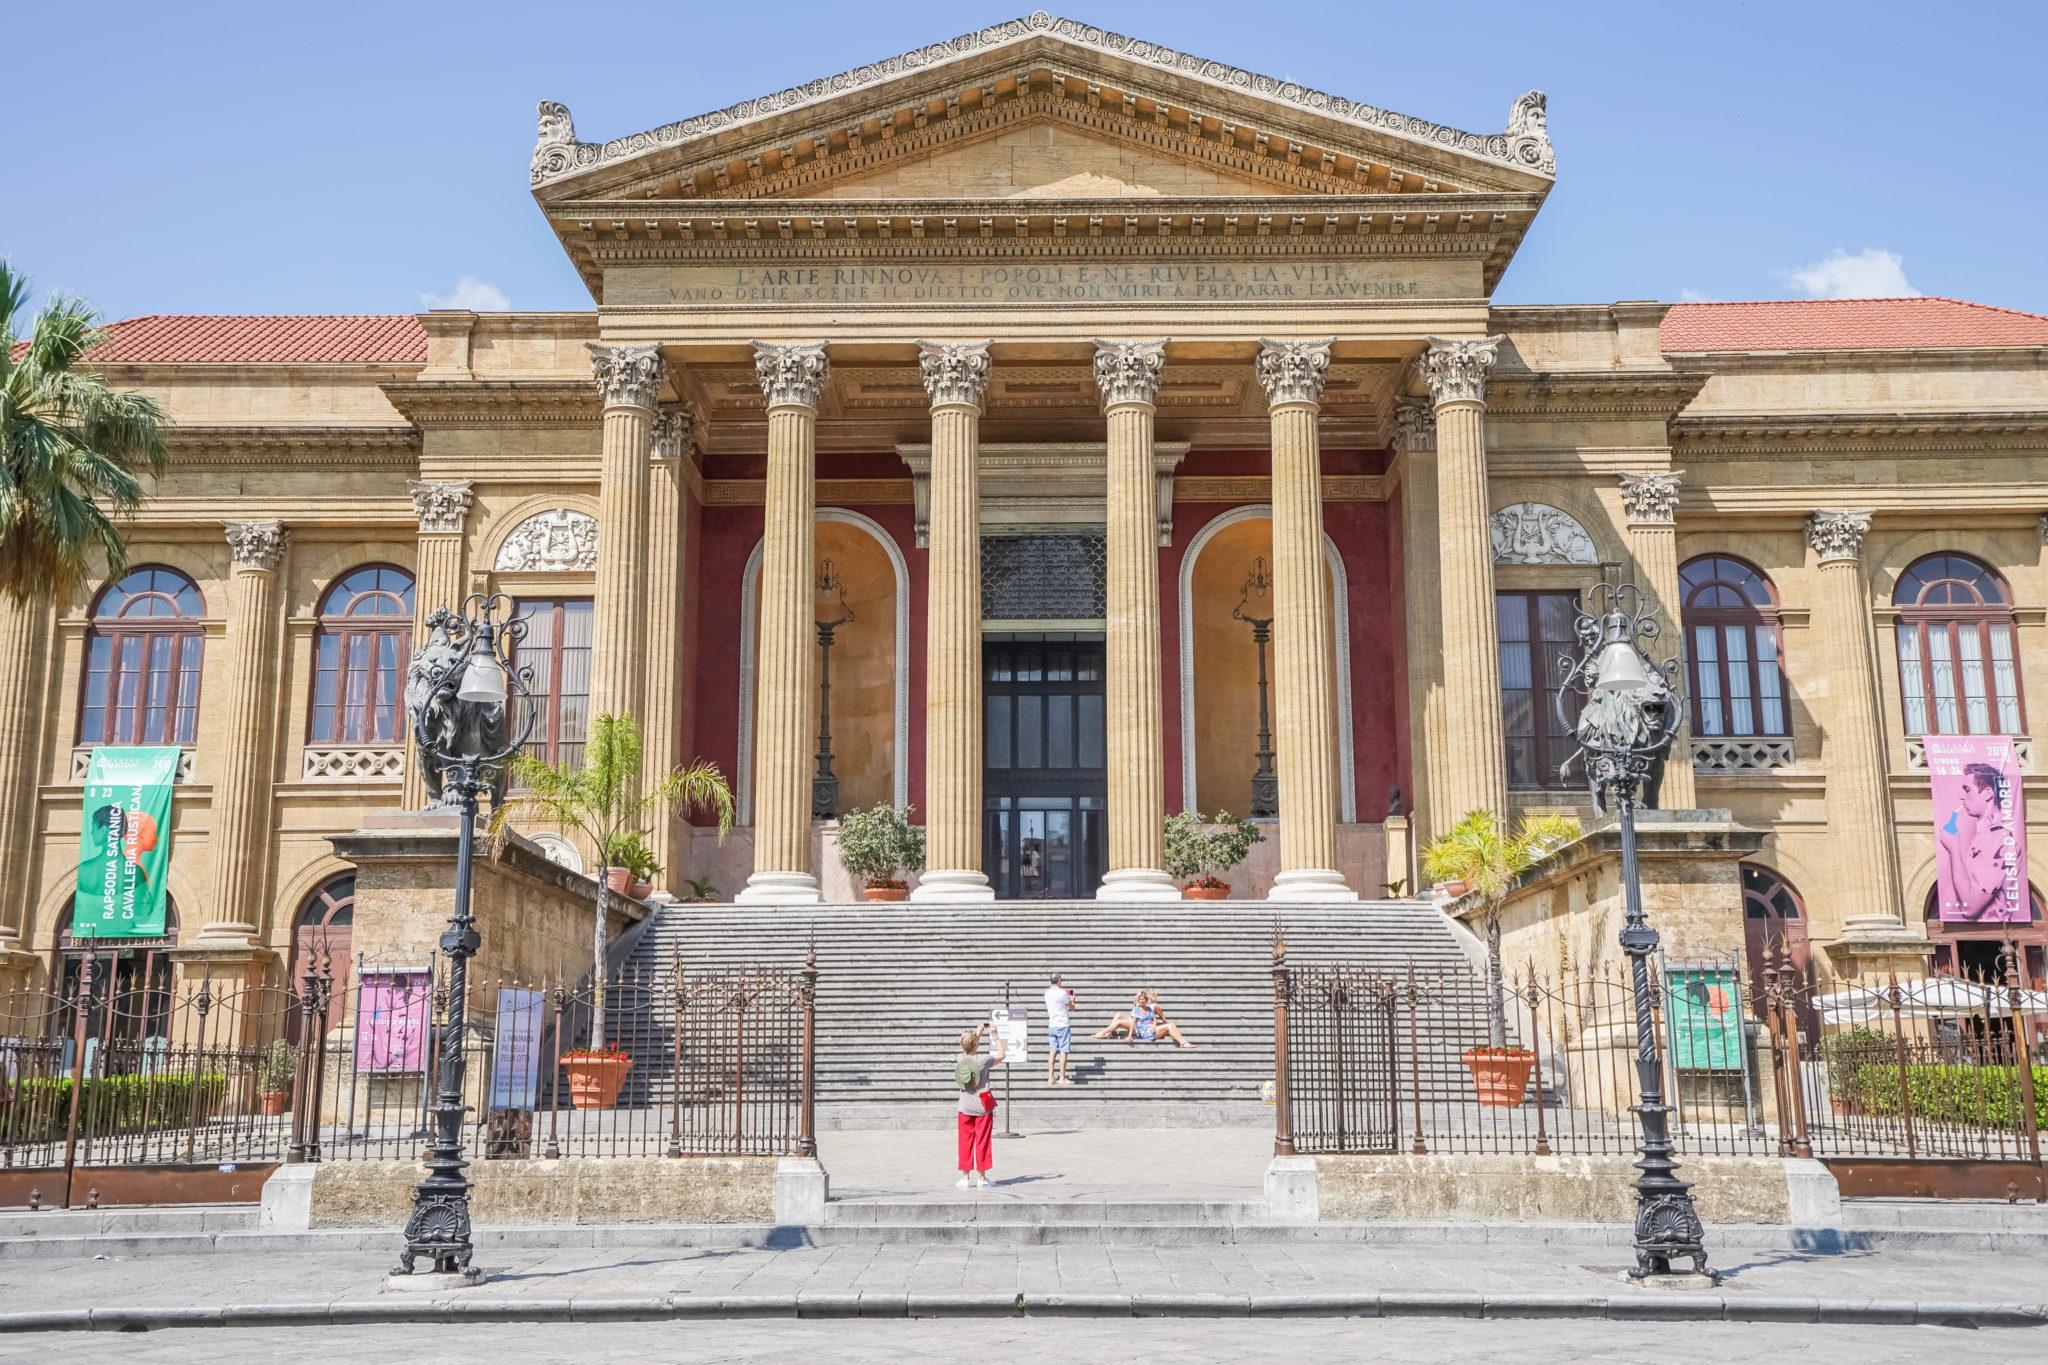 teatro-massivo-palerme-sicile-italie